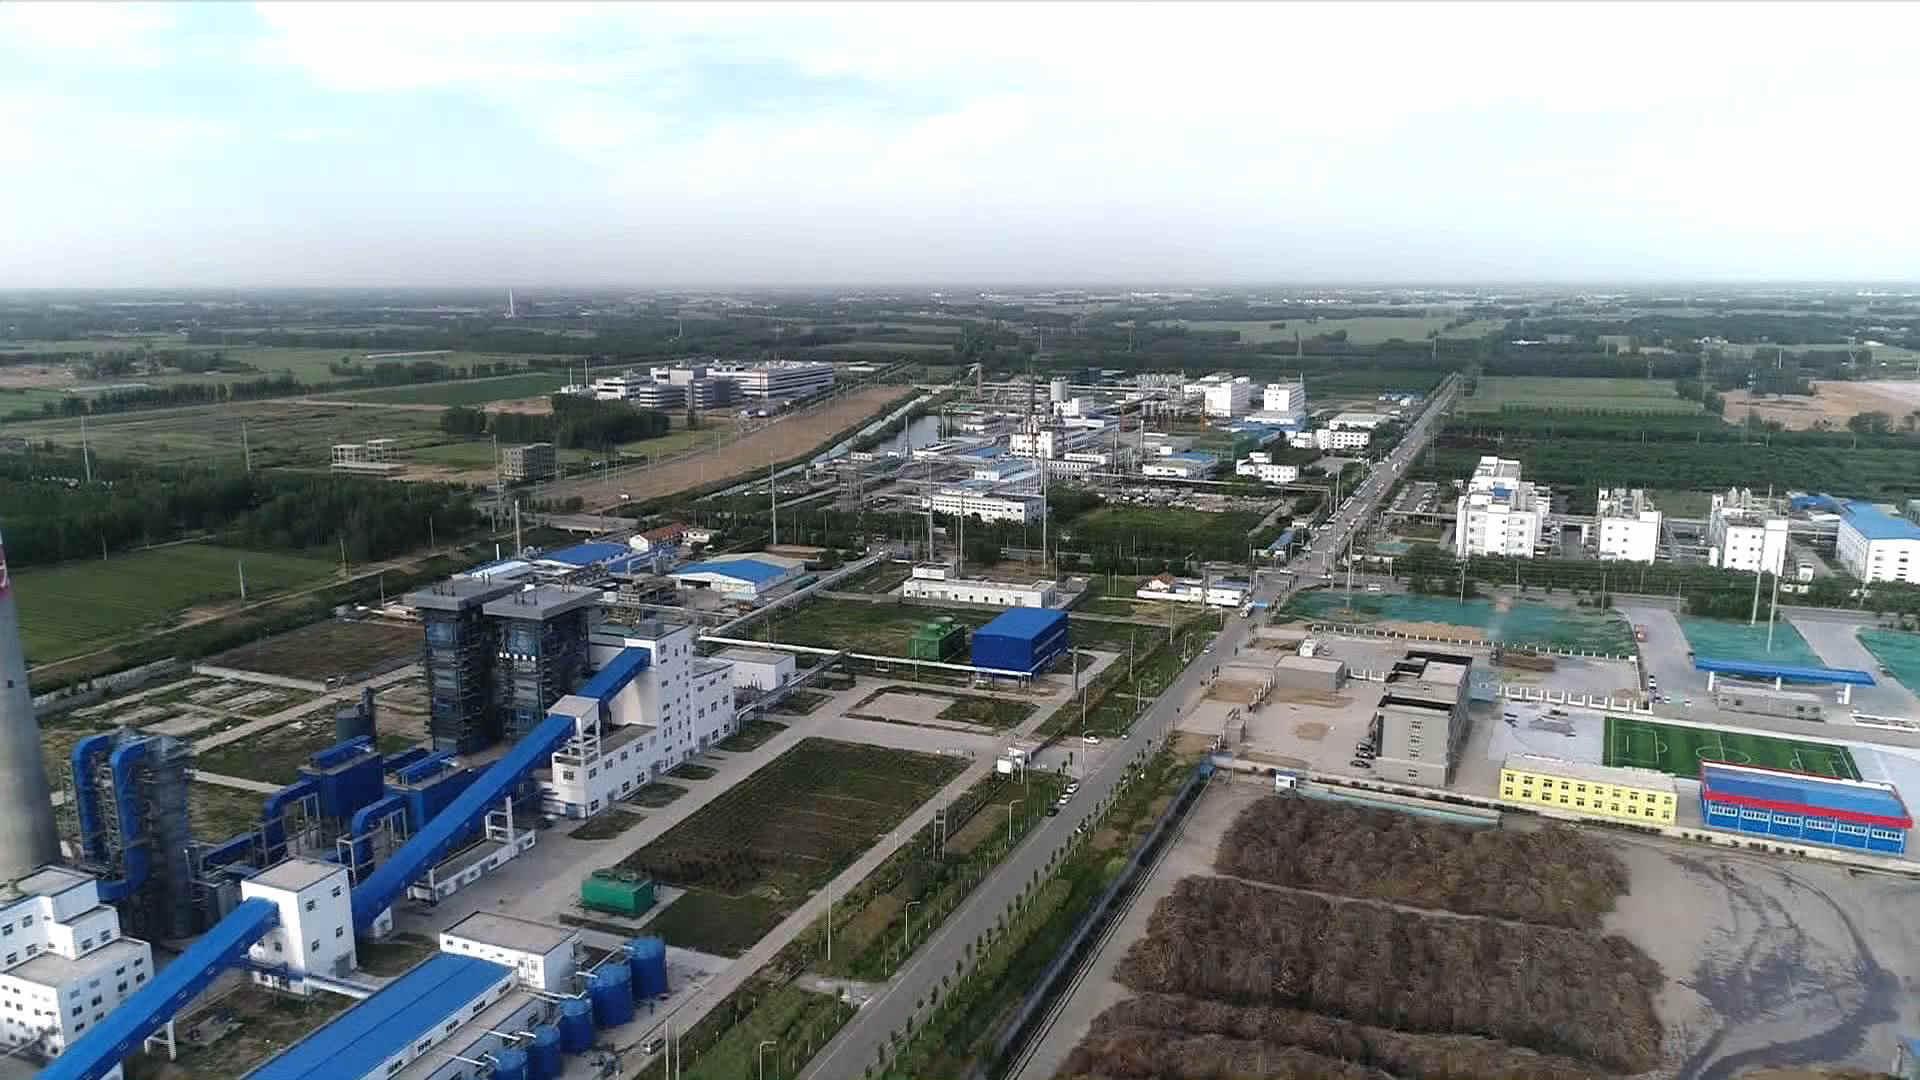 营商环境复活了一个百亿级产业园区 《齐鲁金融》20200527播出